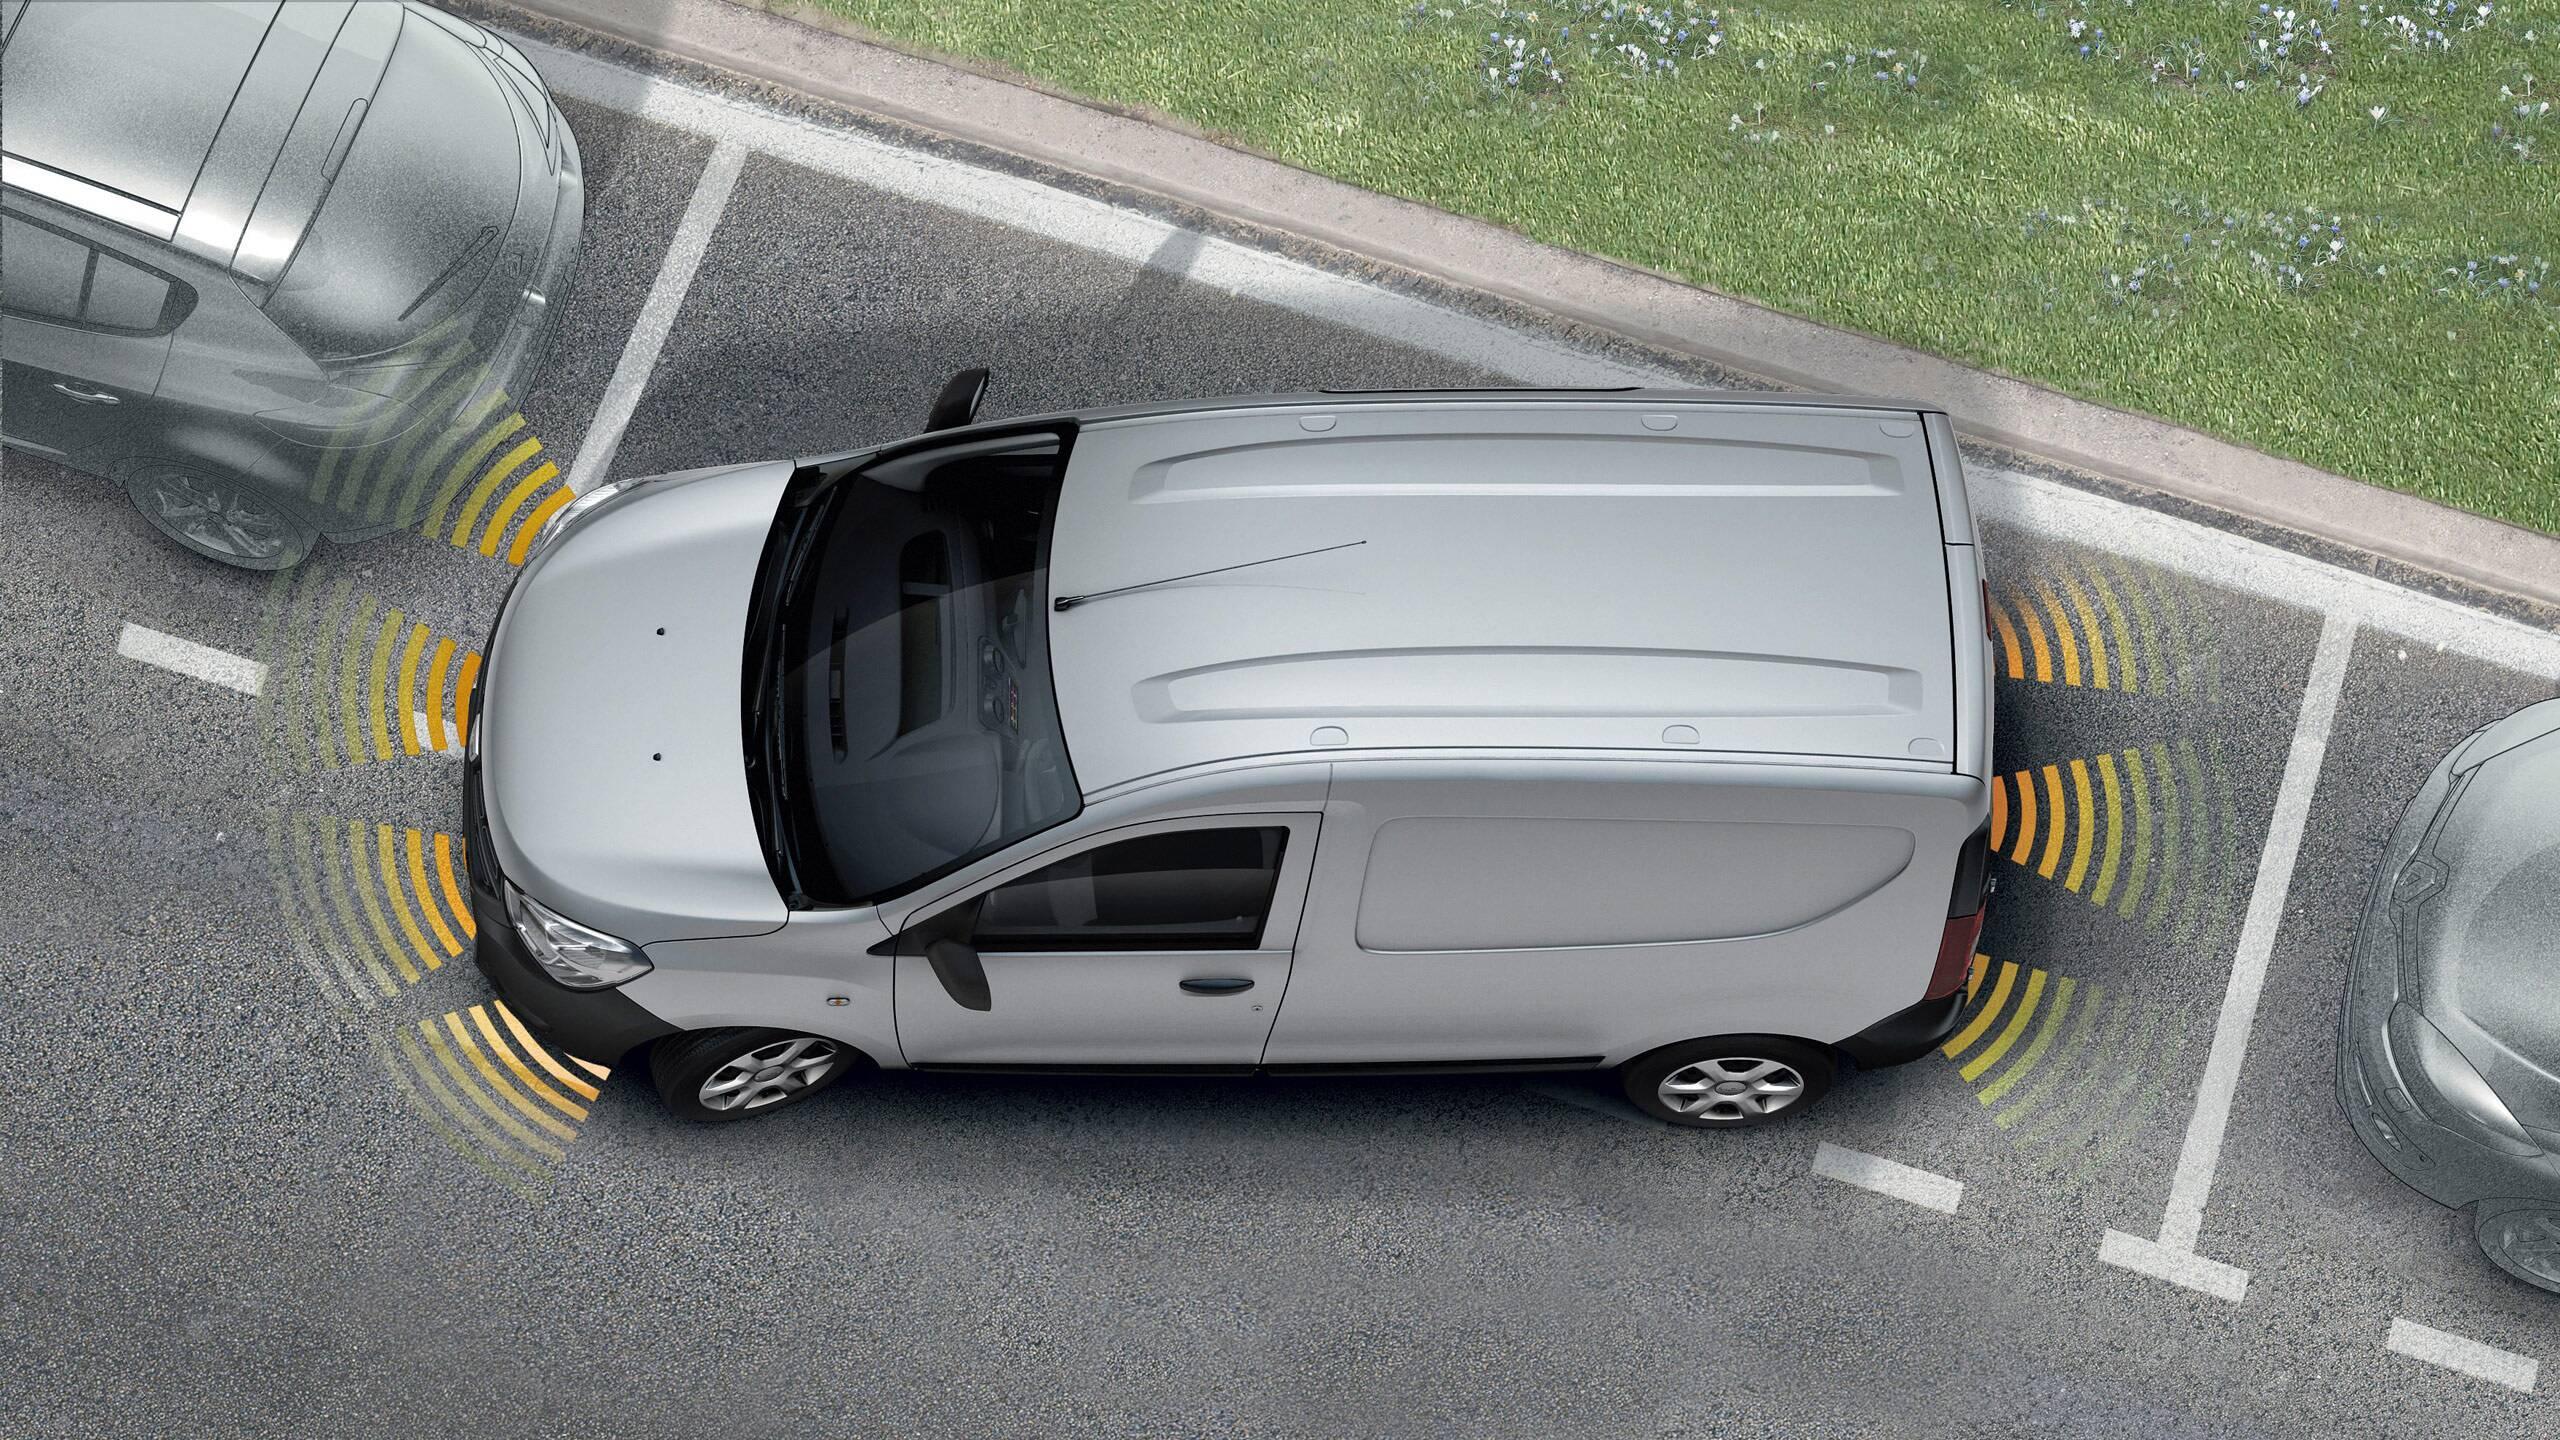 Система за подпомагане на паркирането на заден ход с камера за задно виждане